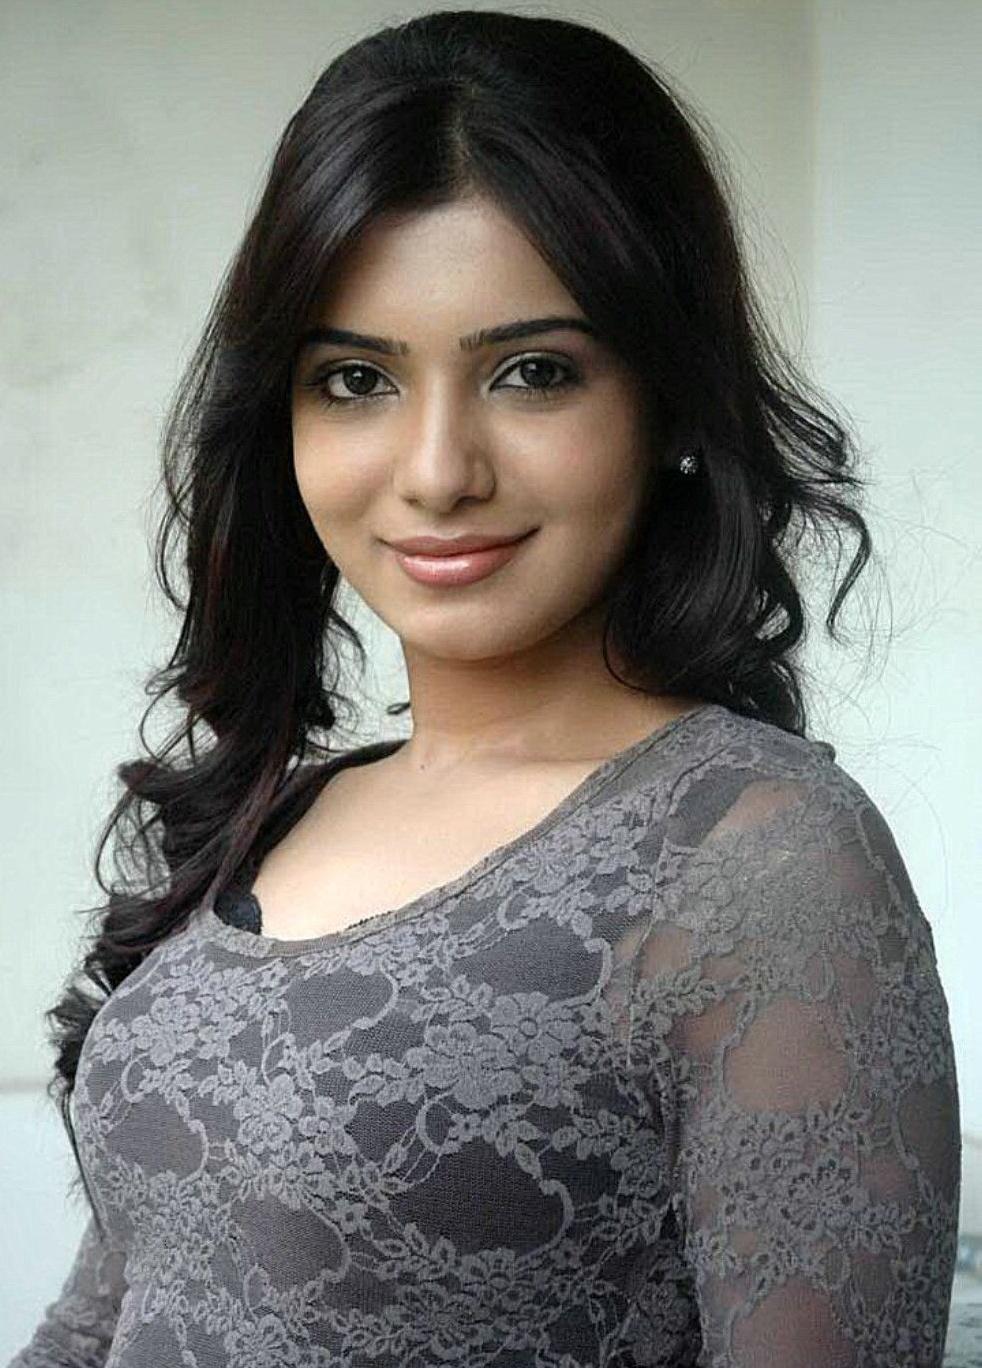 Porn Star Actress Hot Photos for You: South Indian Actress